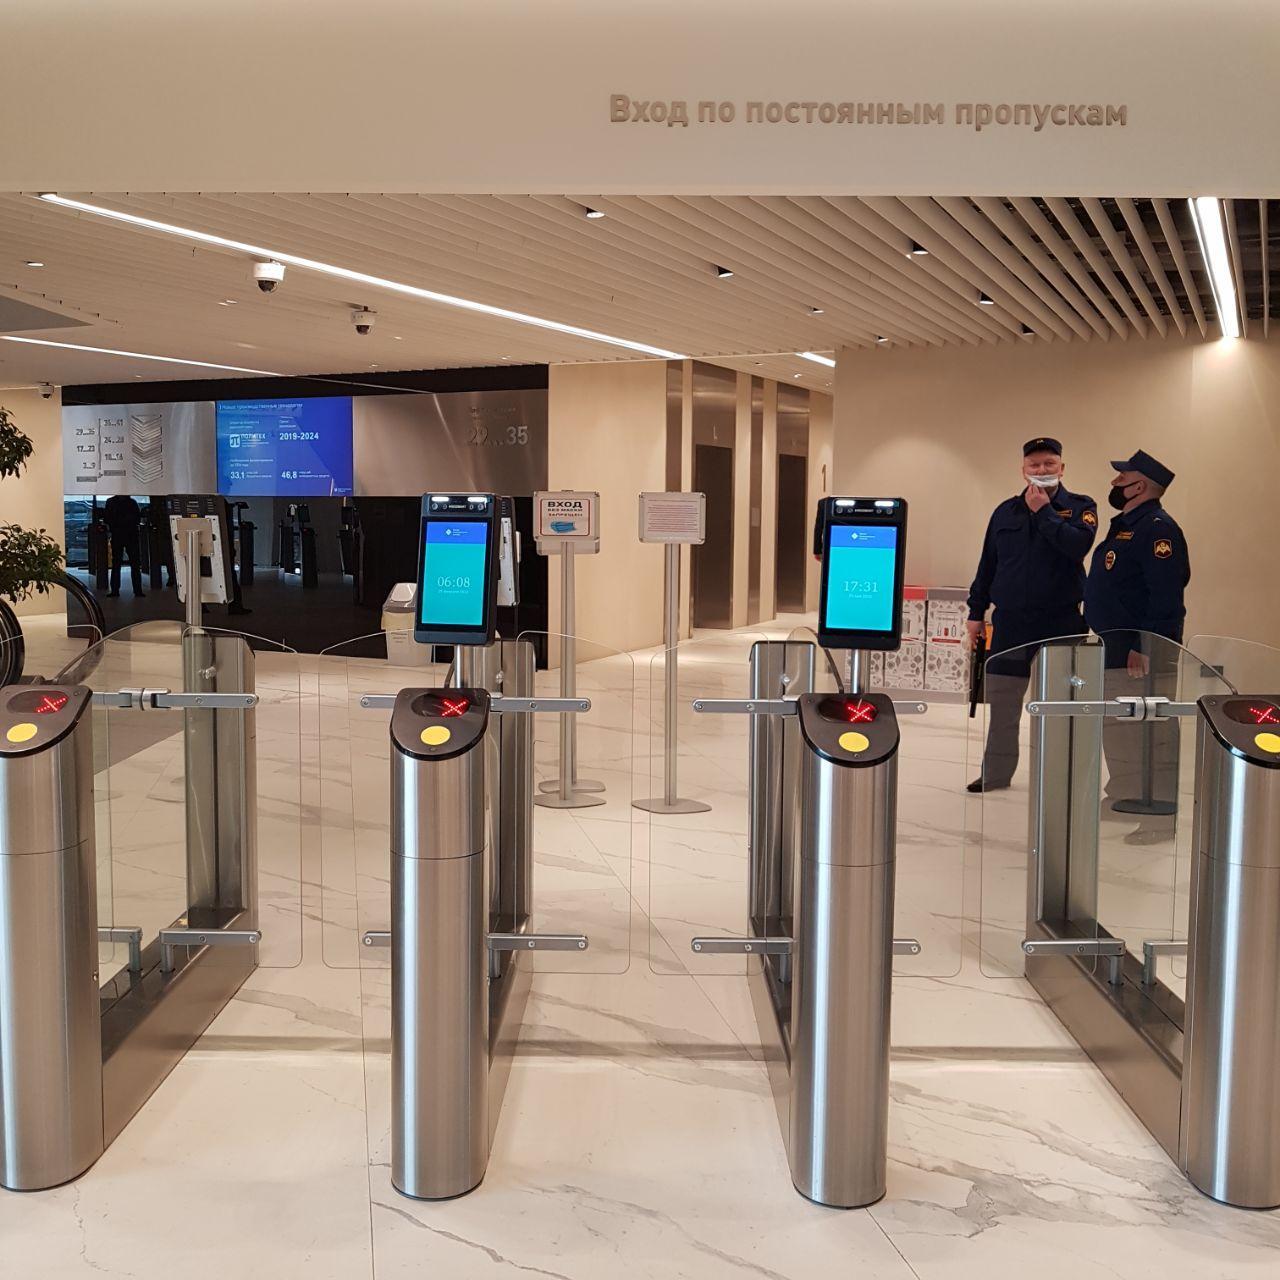 Бесконтактная биометрическая СКУД BioSmart запущена в небоскребе